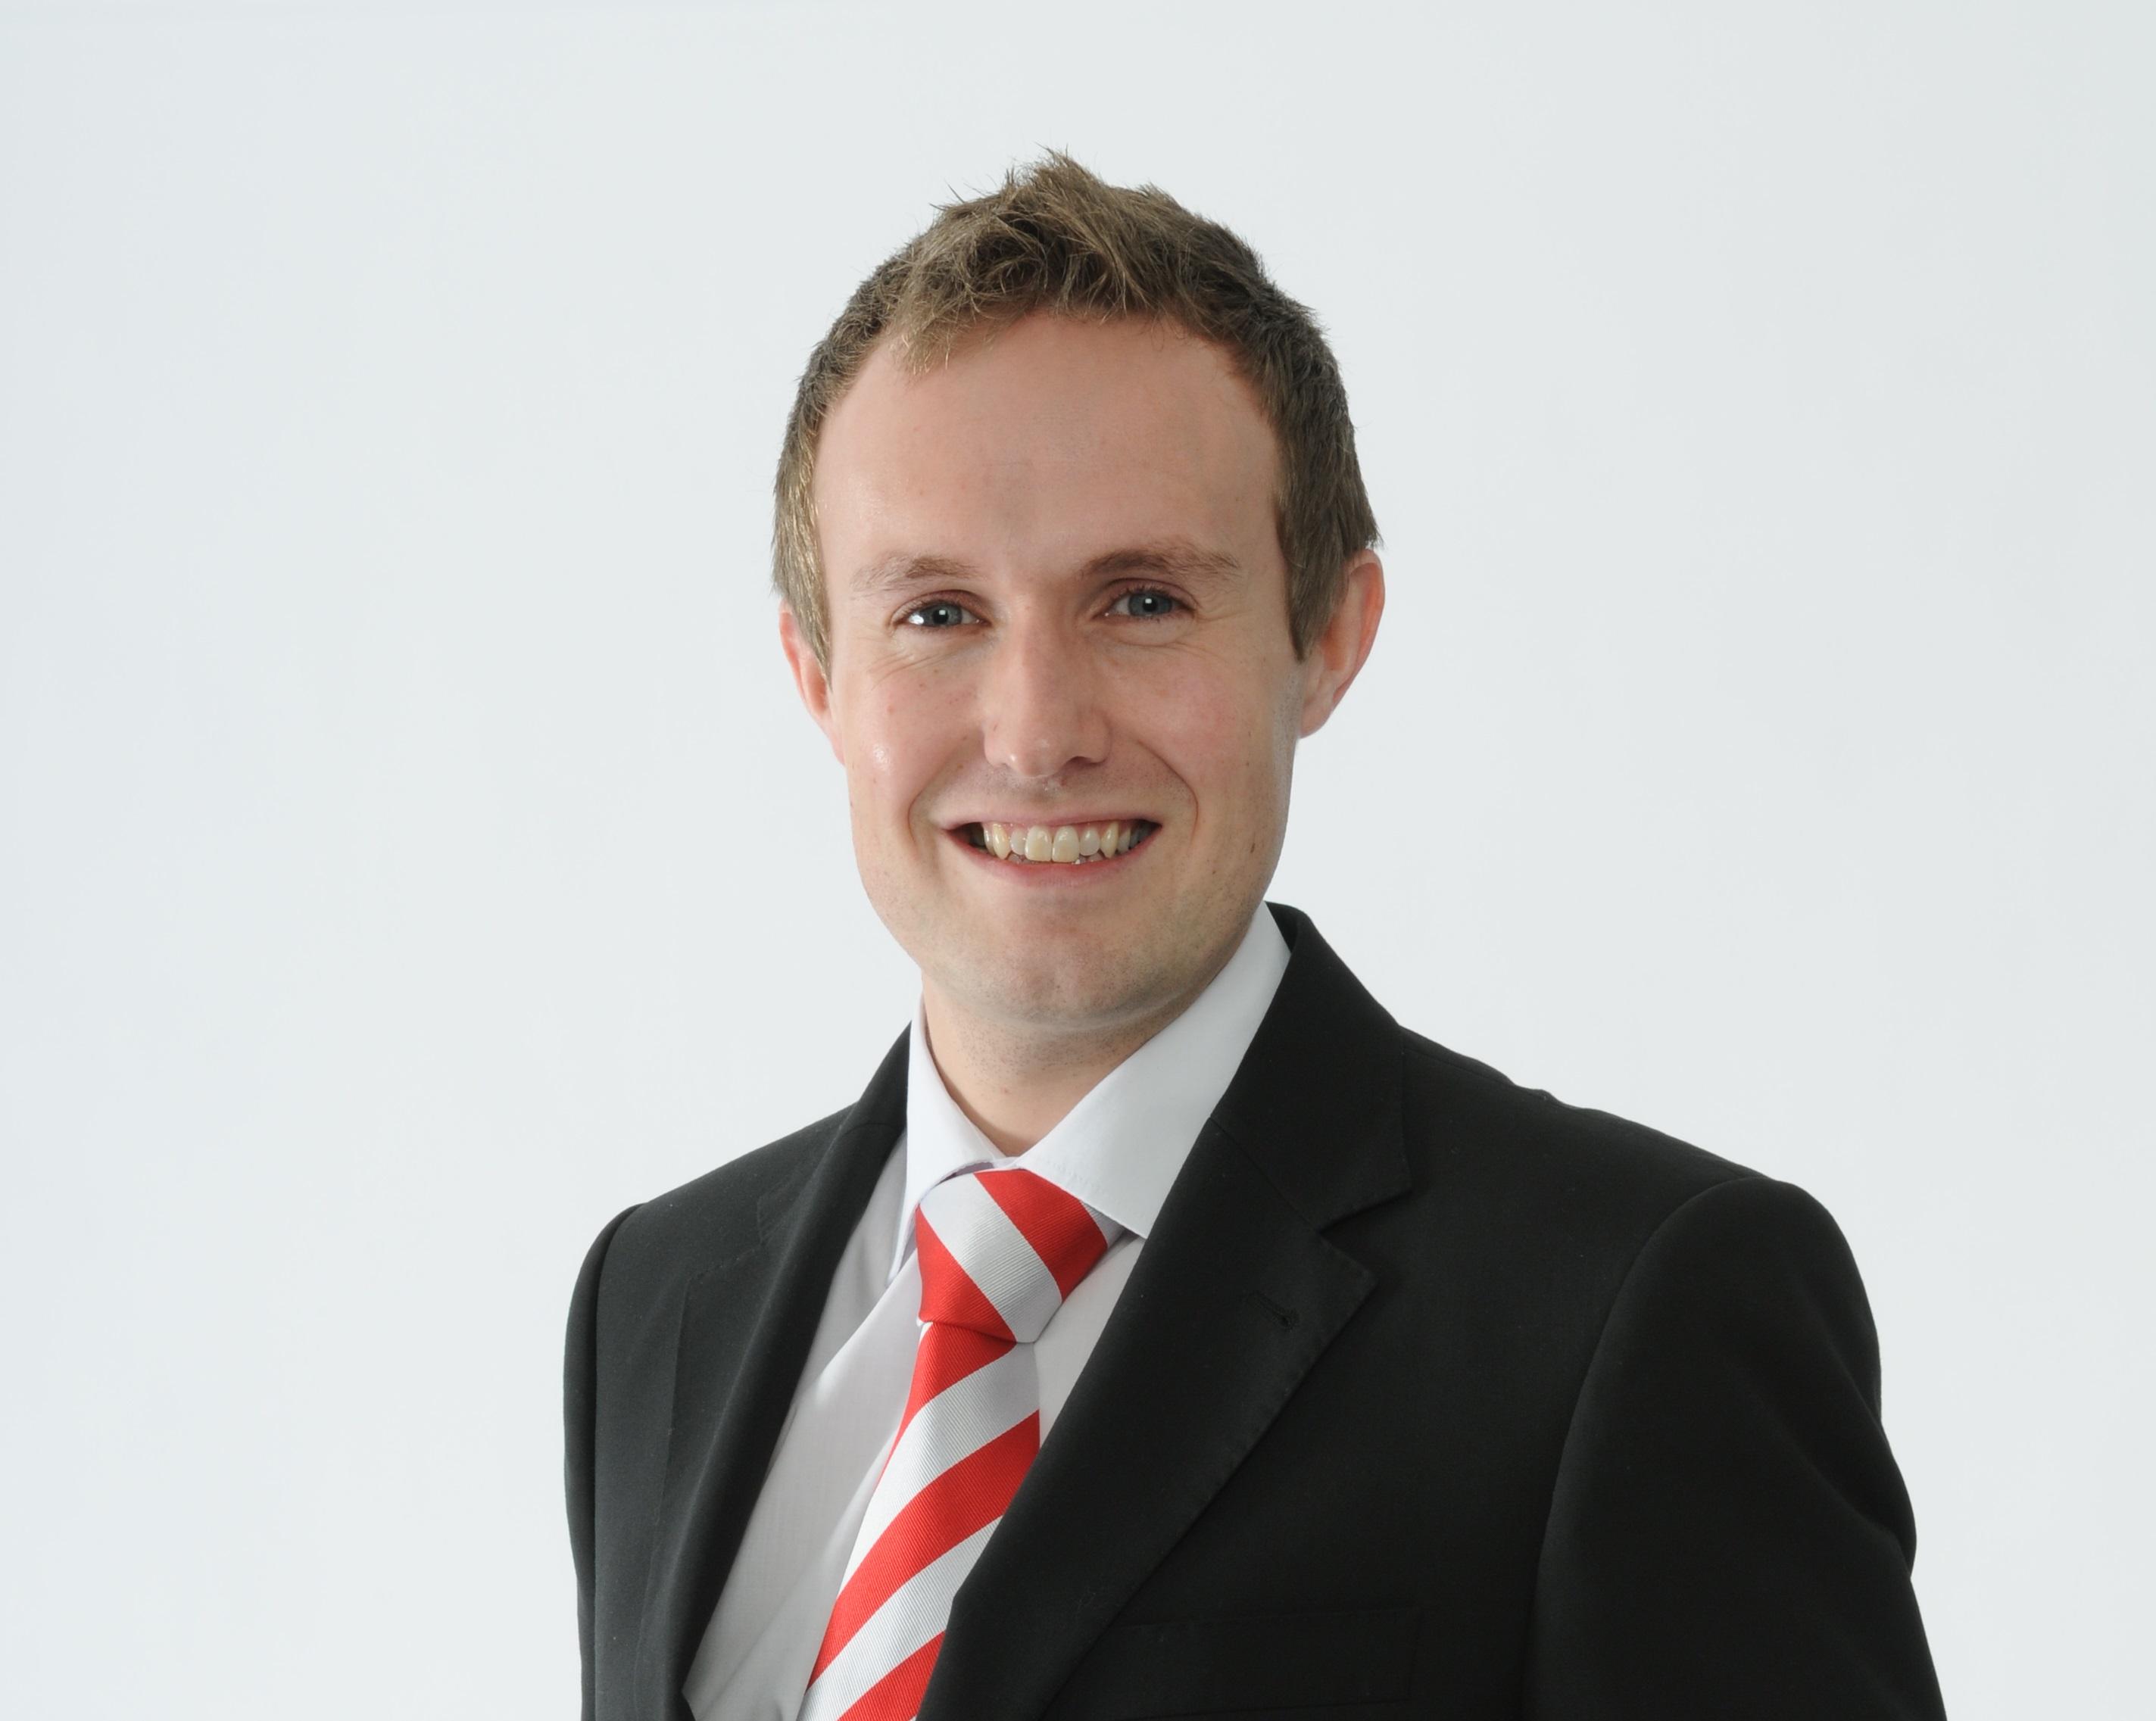 Douglas Rankin